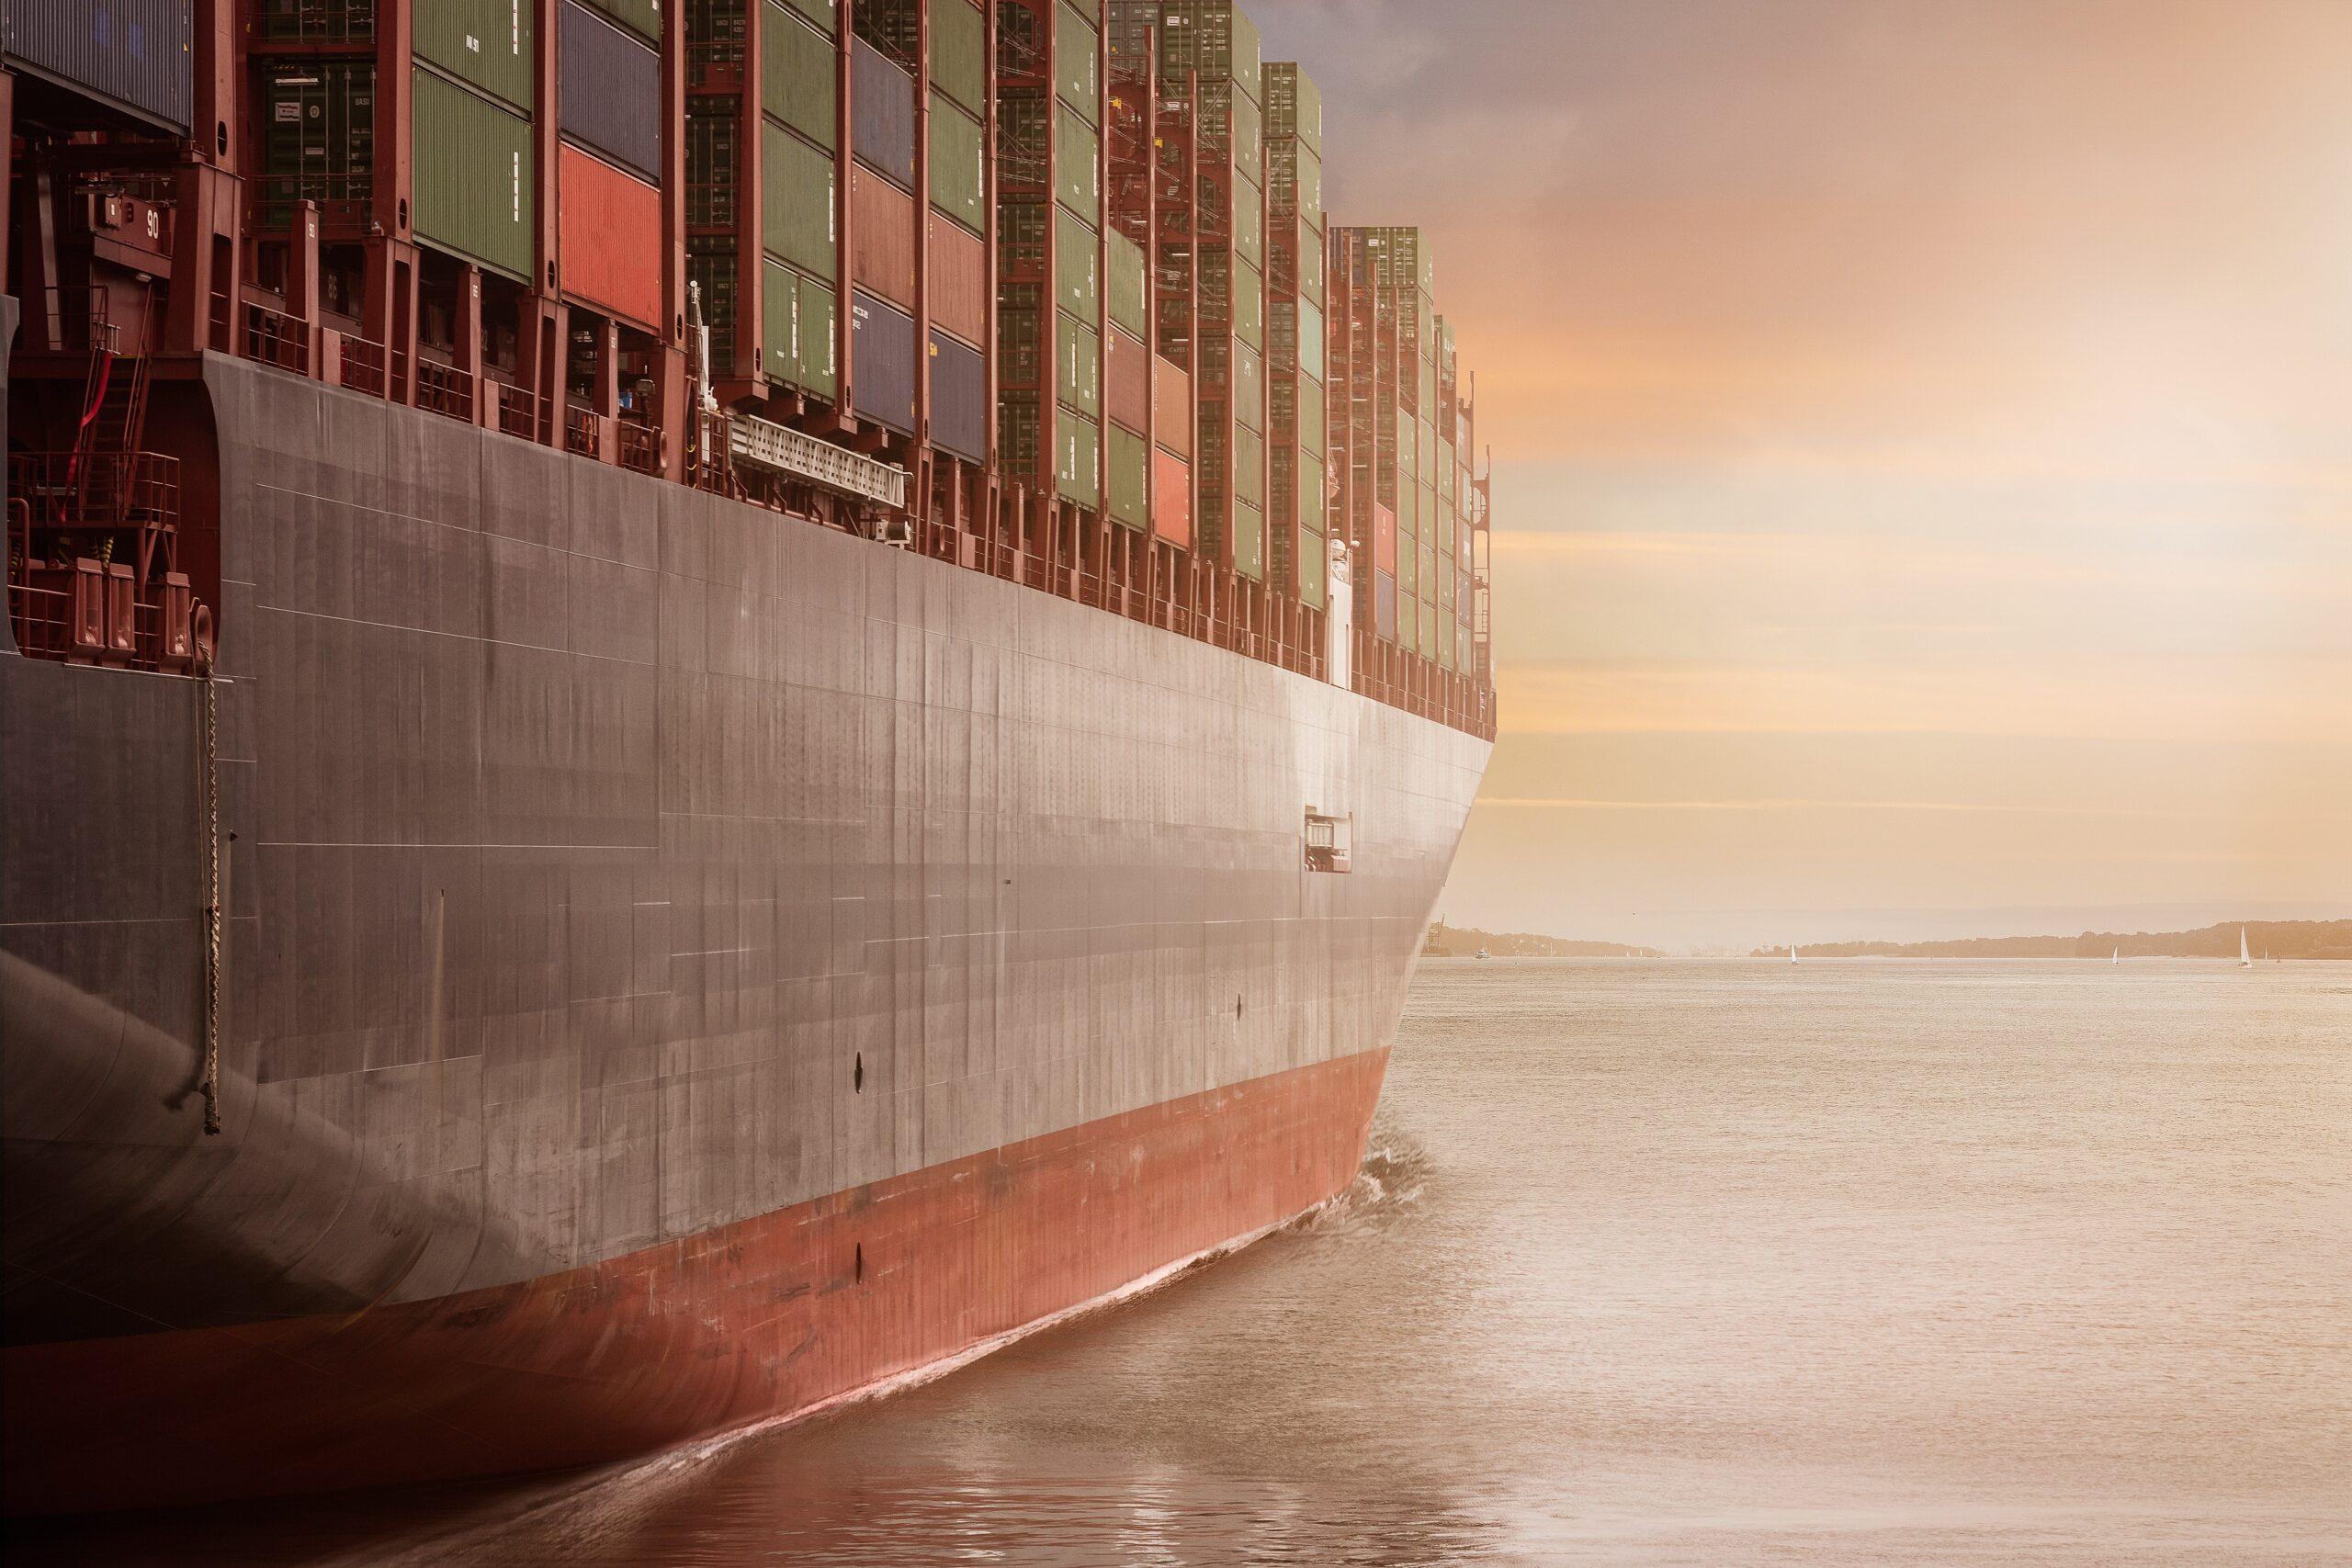 Las grandes empresas de consumo piden que se permitan cambios de tripulación en los puertos